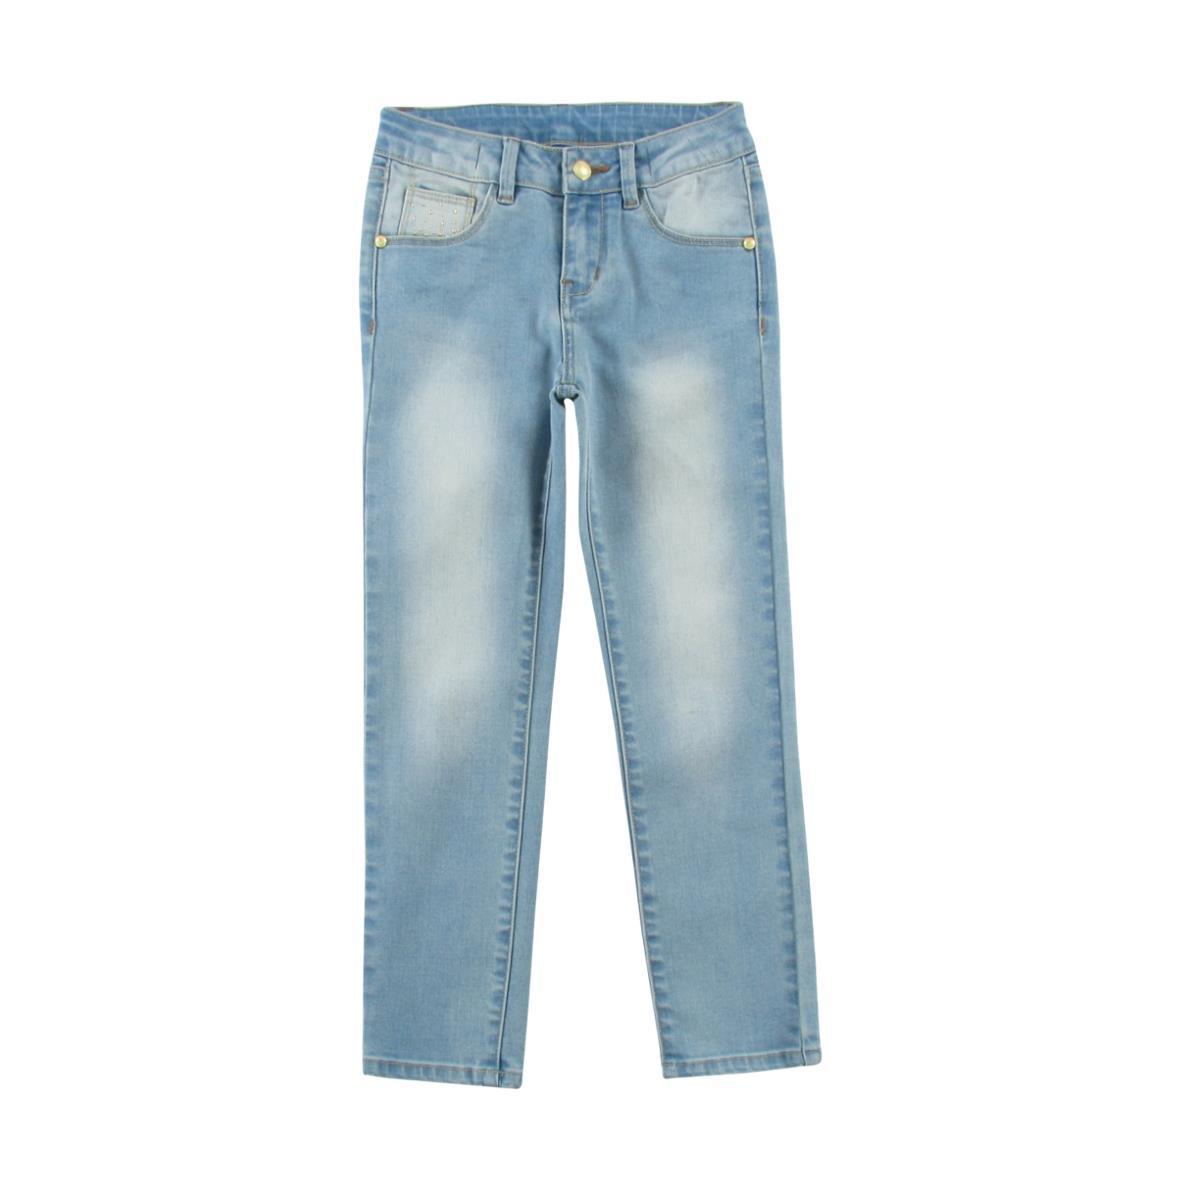 acbbbe8b040cc WÓJCIK Spodnie jeans dziewczęce-47394 ...